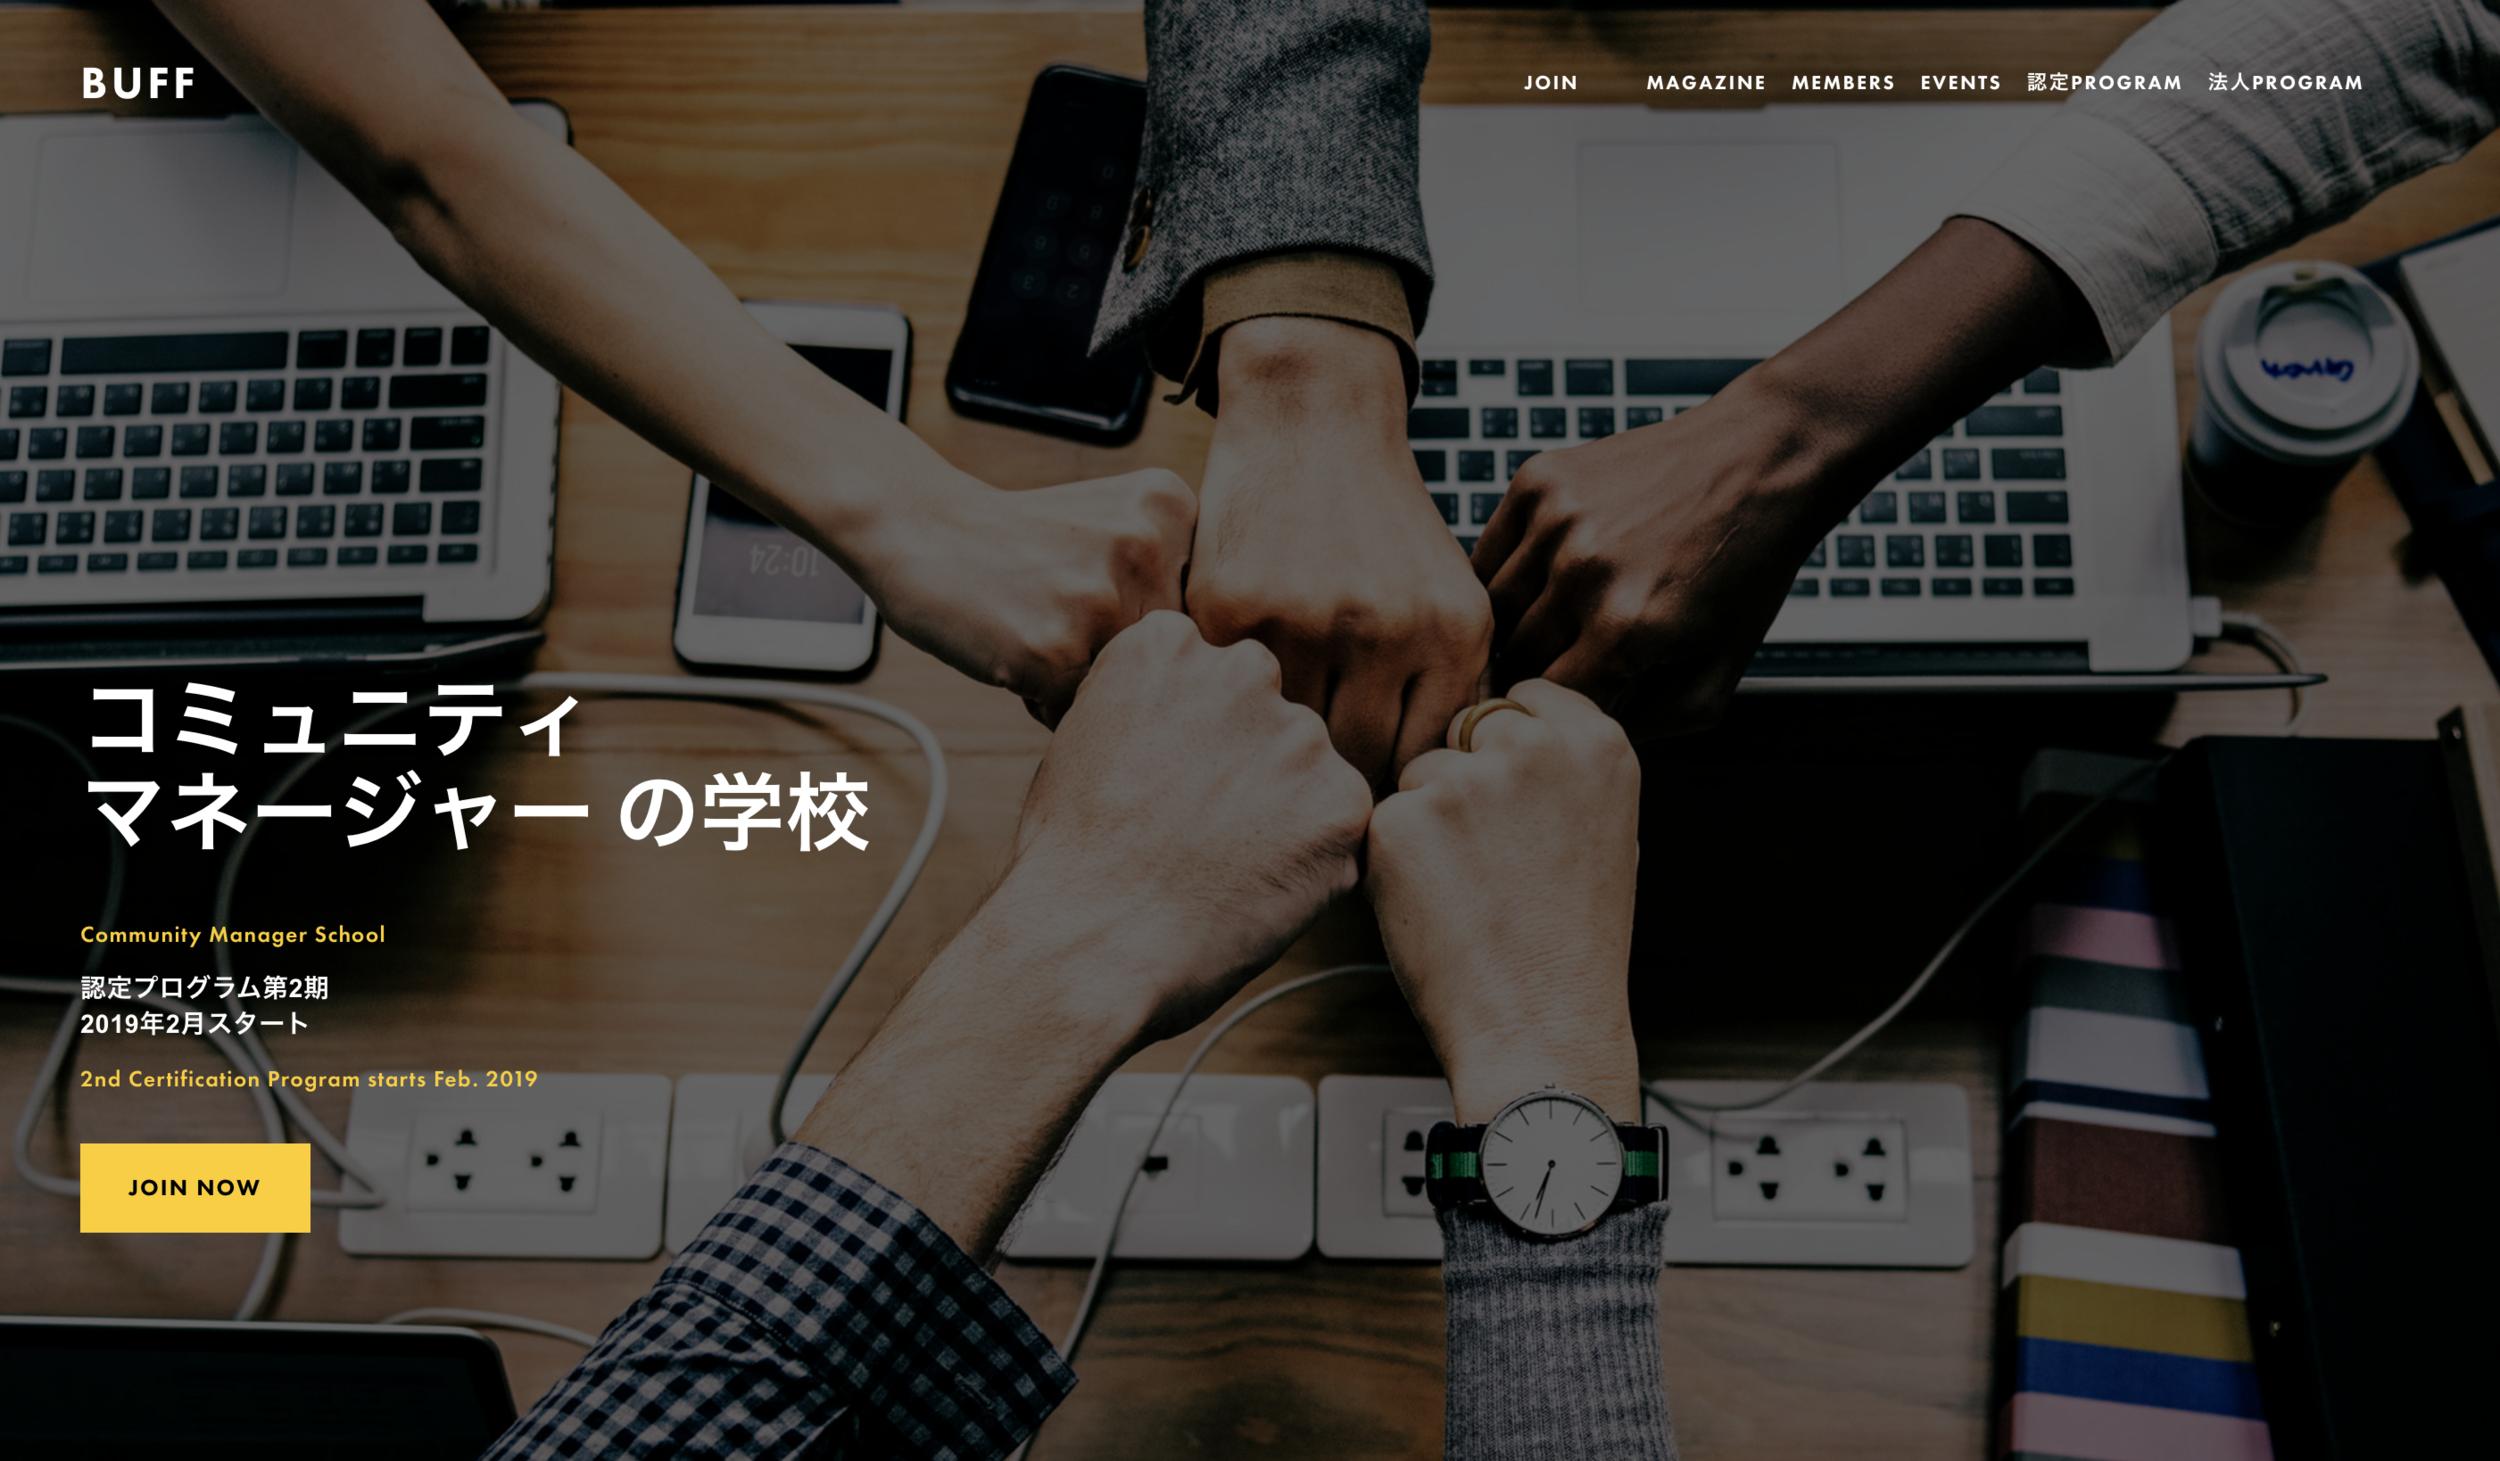 スクリーンショット 2019-01-01 1.55.29.png